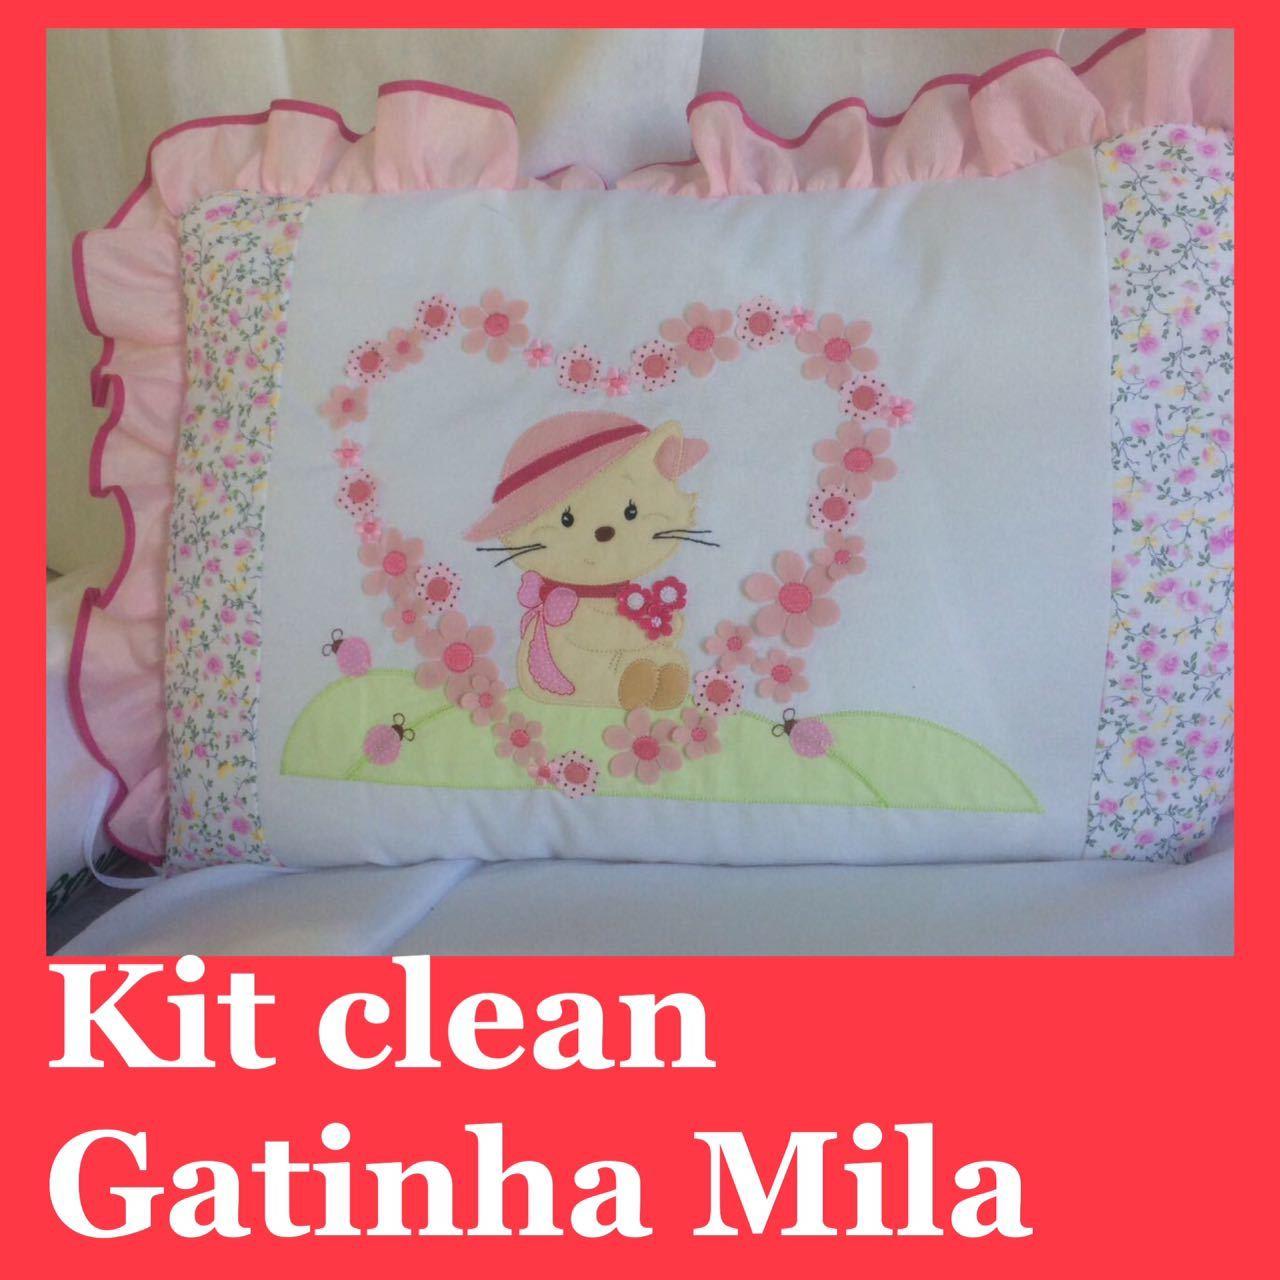 Kit Clean Gatinha Mila